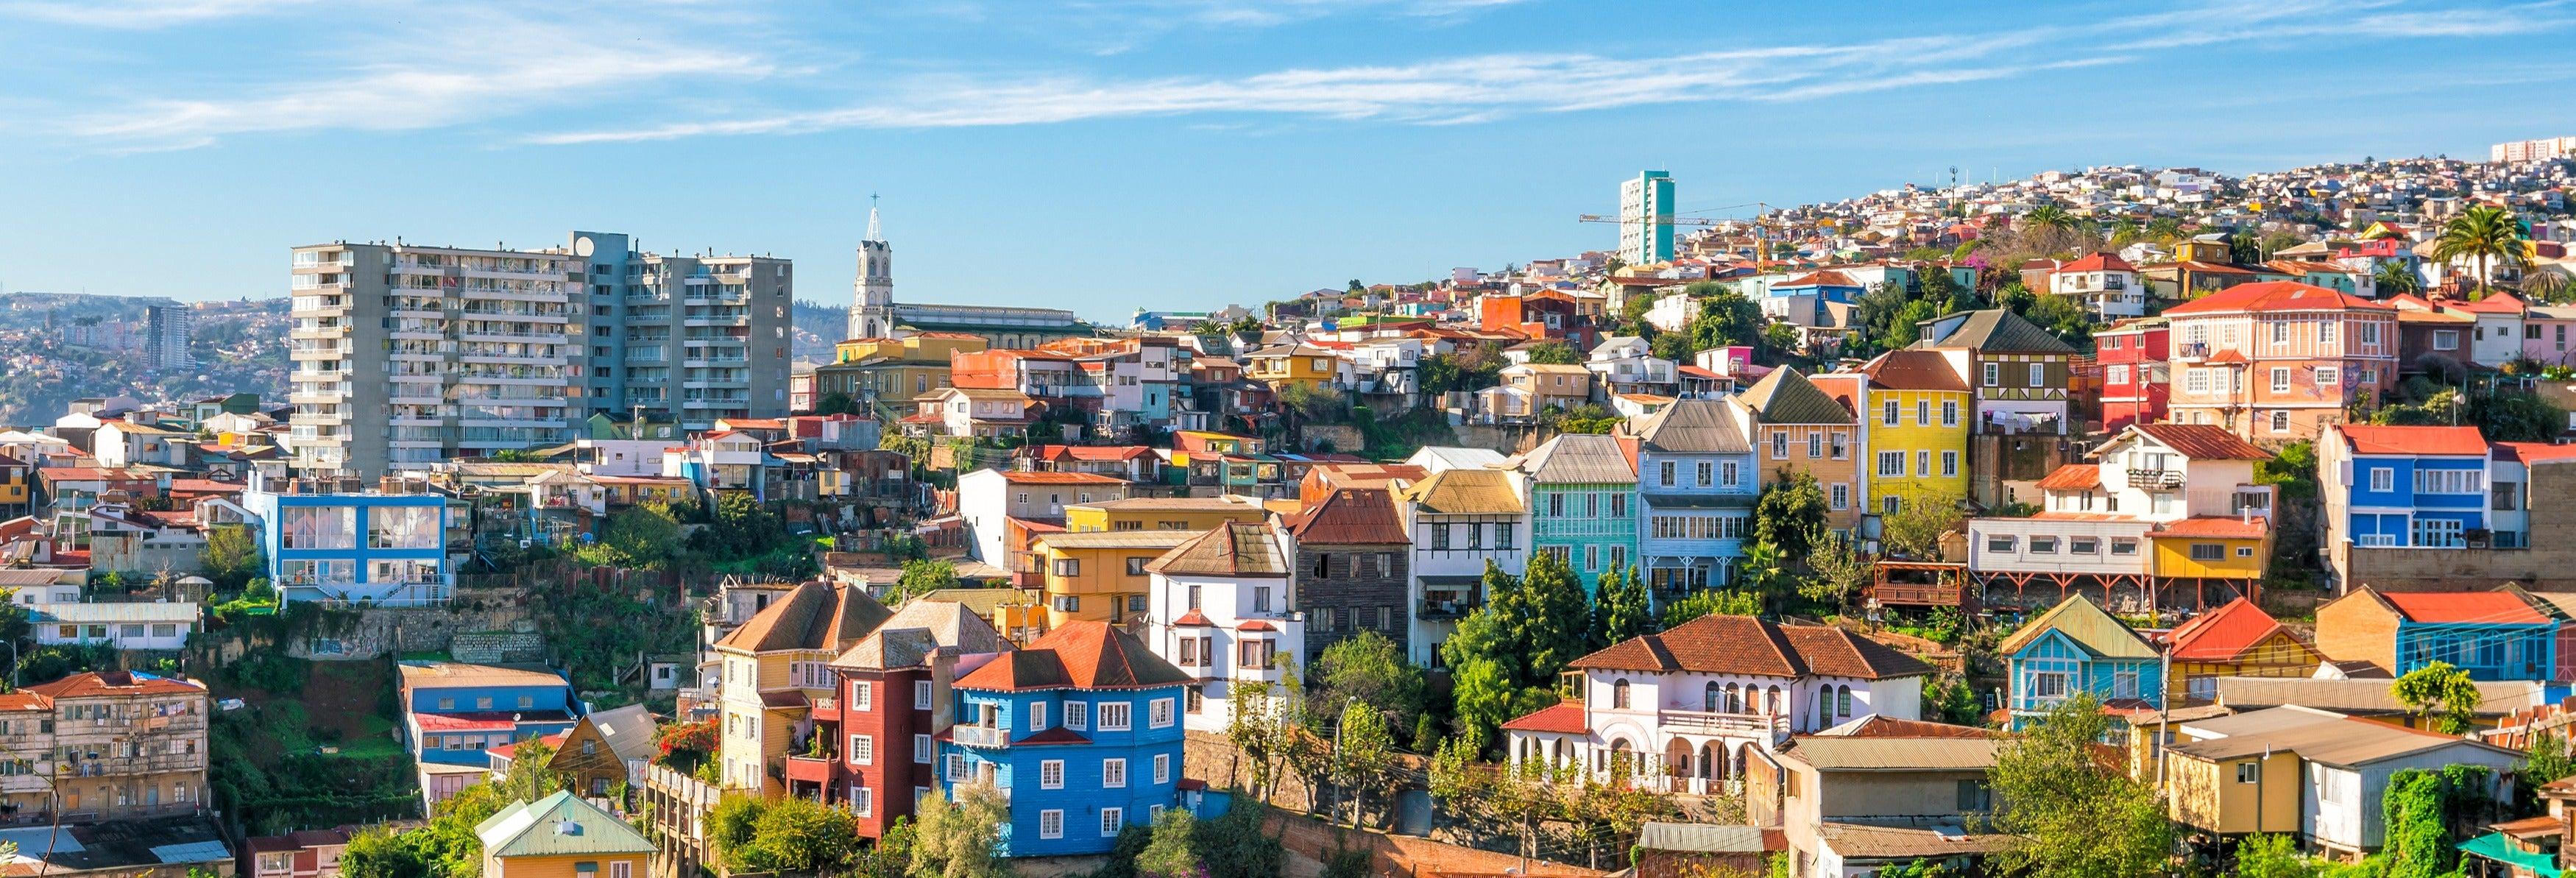 Tour panorâmico de trólebus por Valparaíso